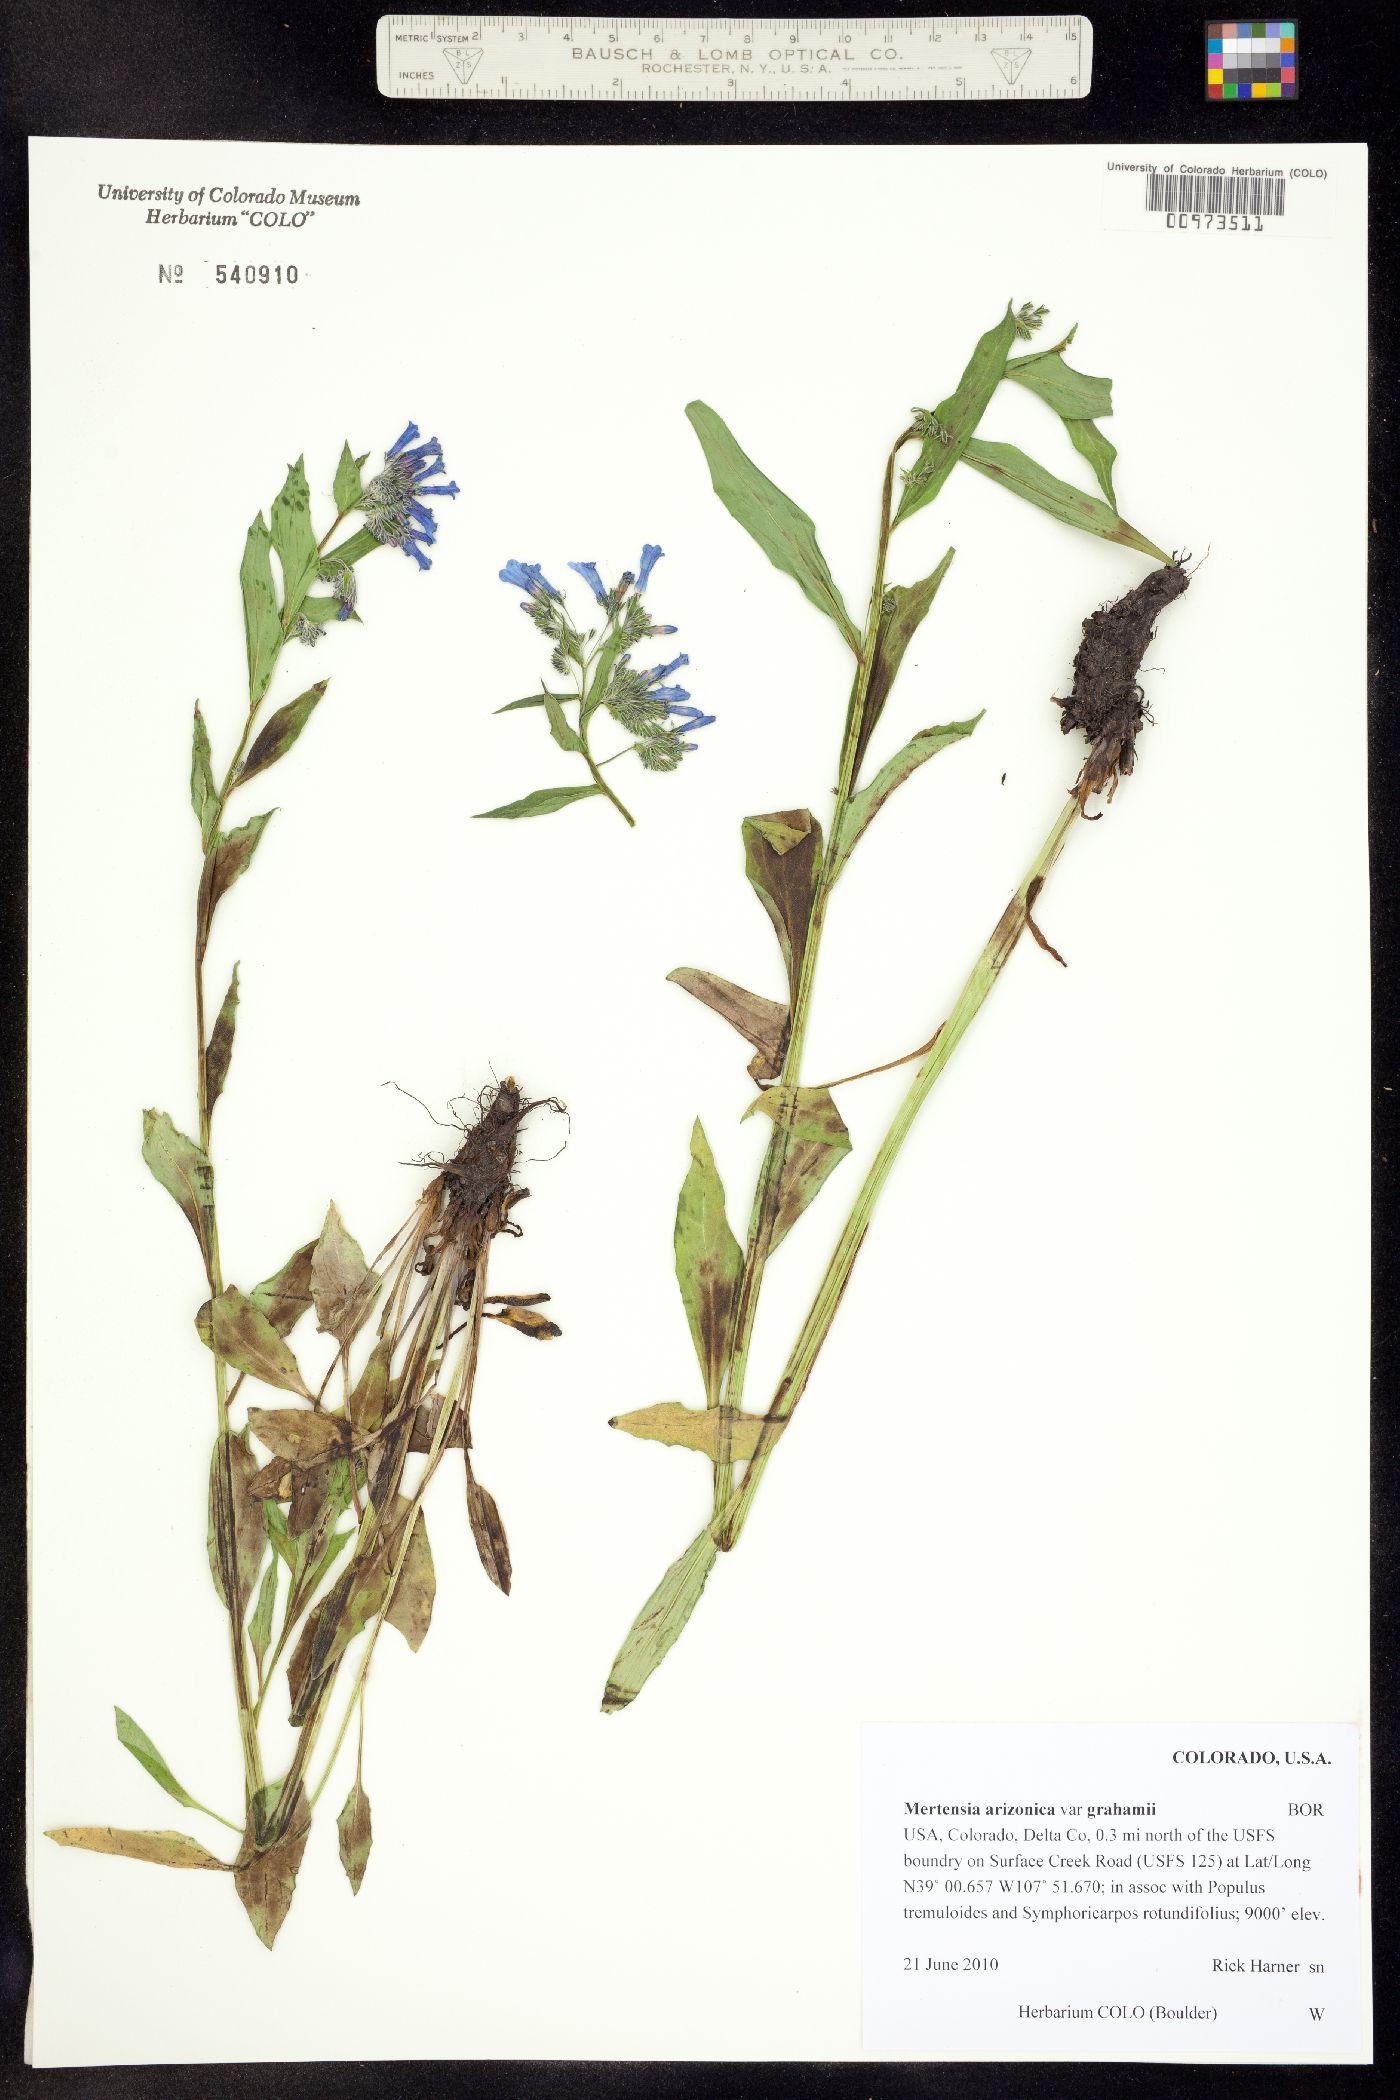 Mertensia arizonica var. grahamii image